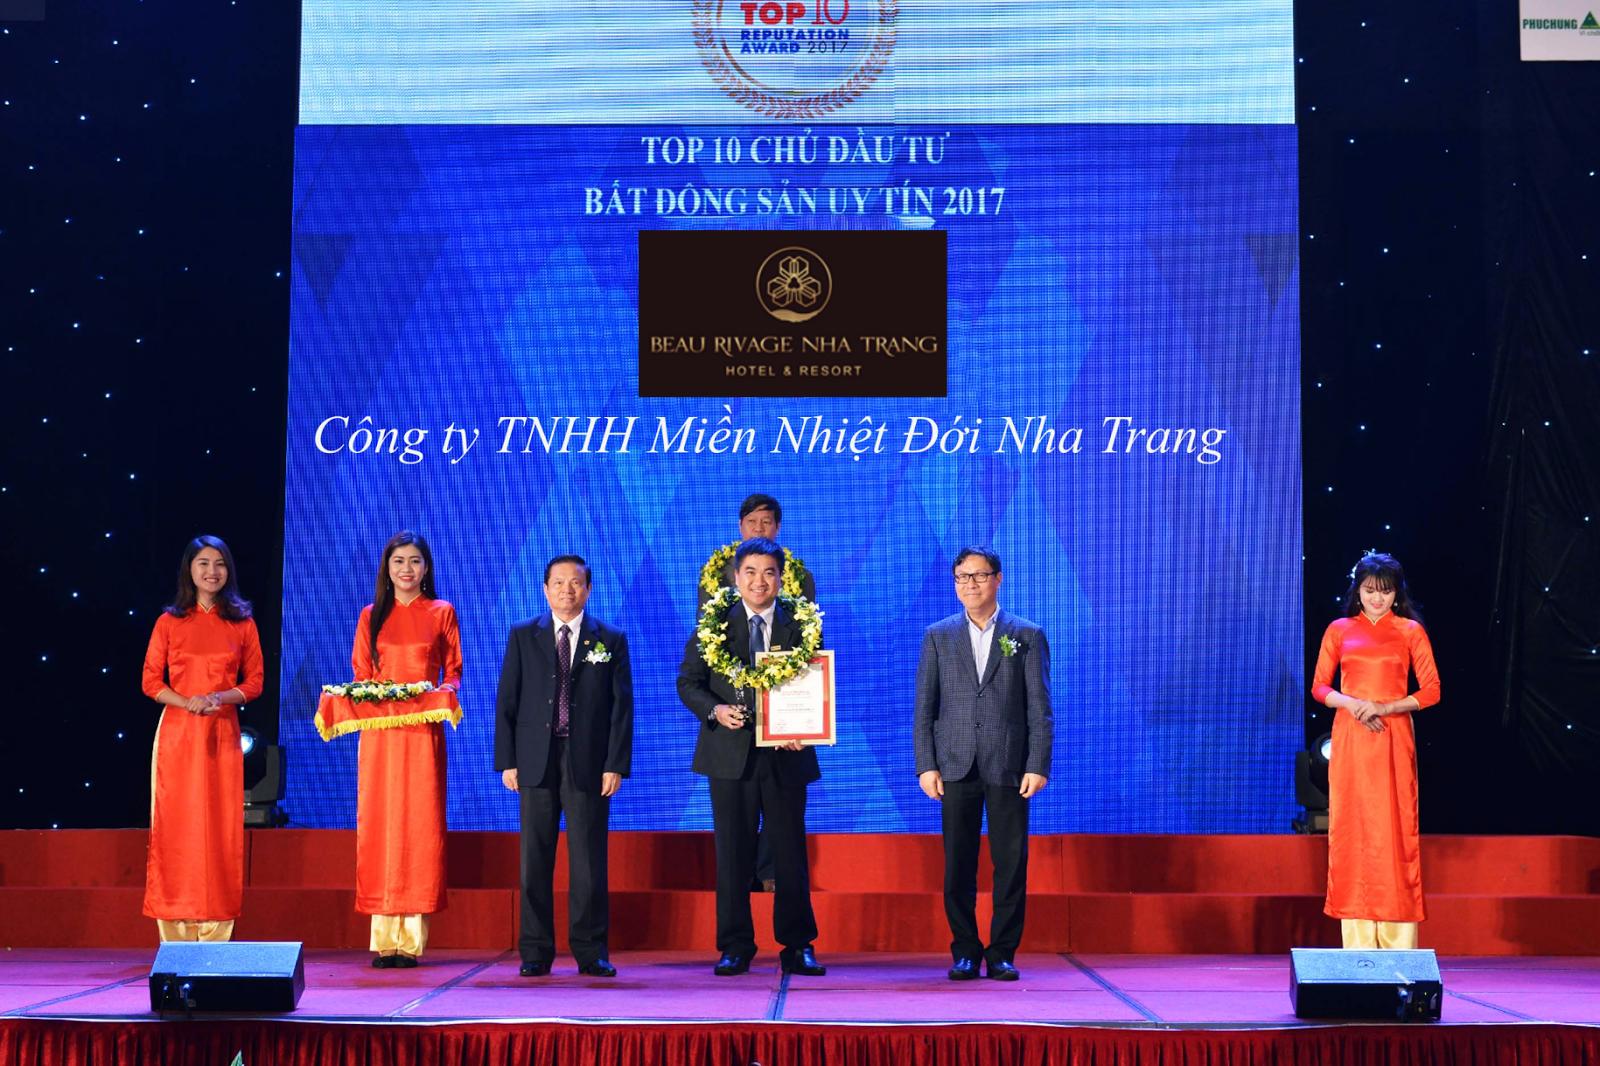 Chủ đầu tư uy tín của Beau Rivage Nha Trang